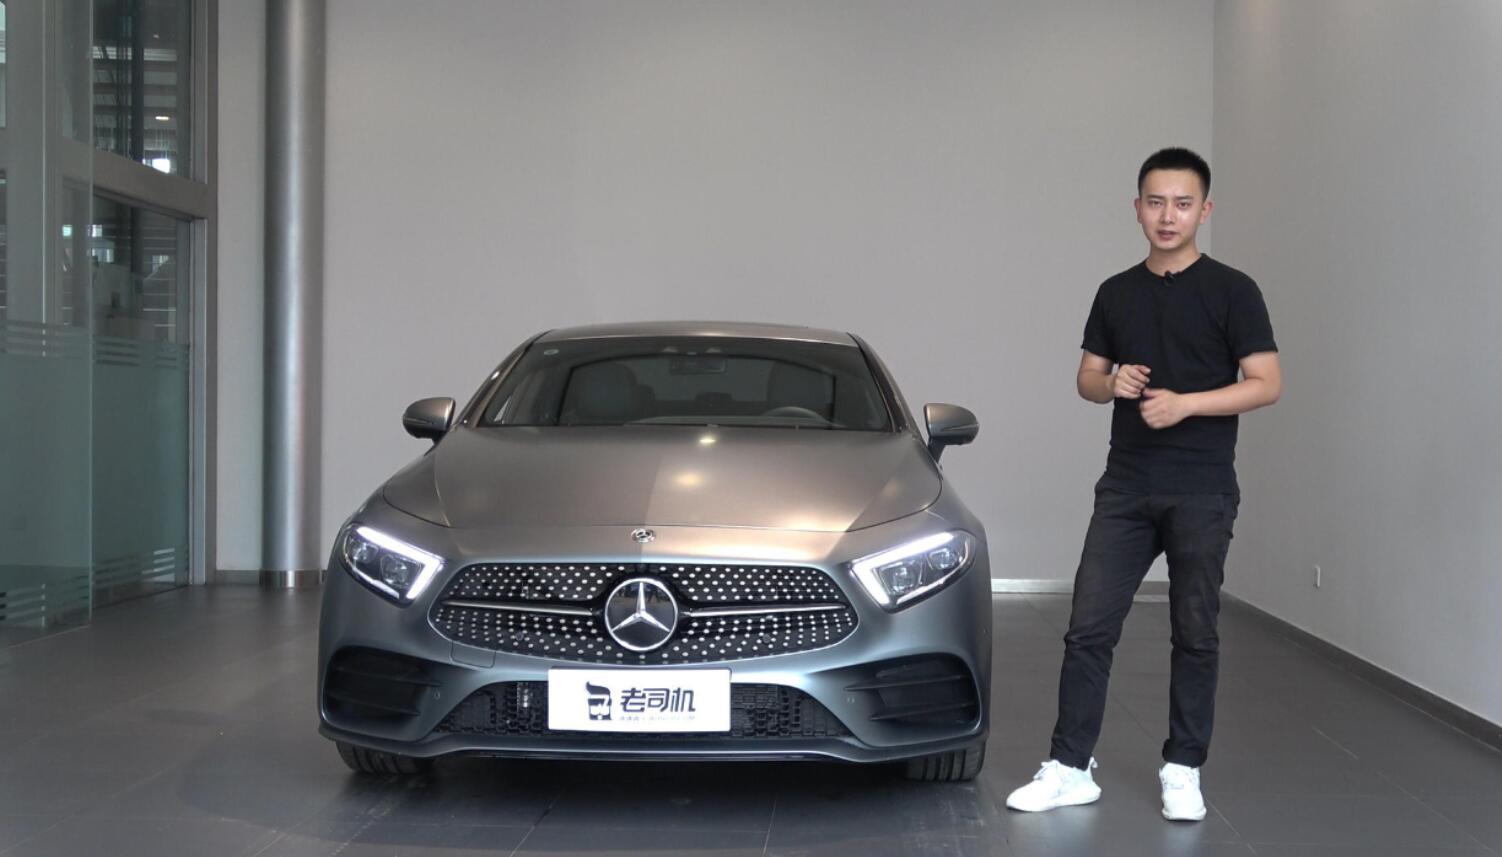 【每天一款实拍车】 徐超体验全新奔驰CLS 350